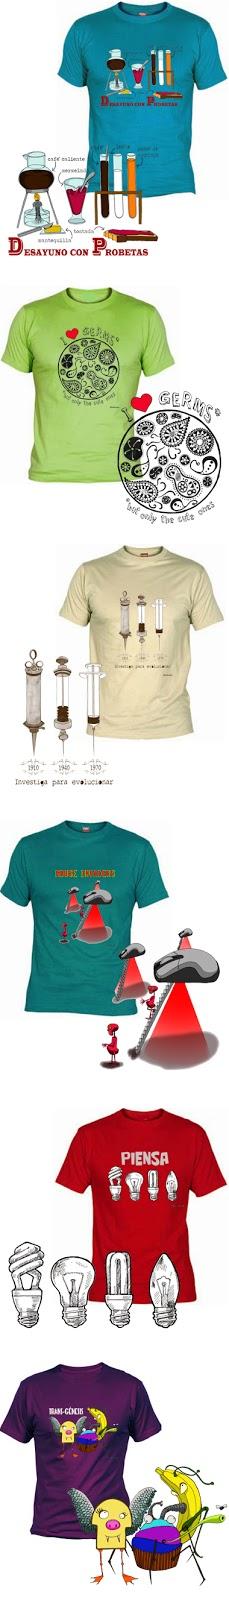 camisetas Estudiorama